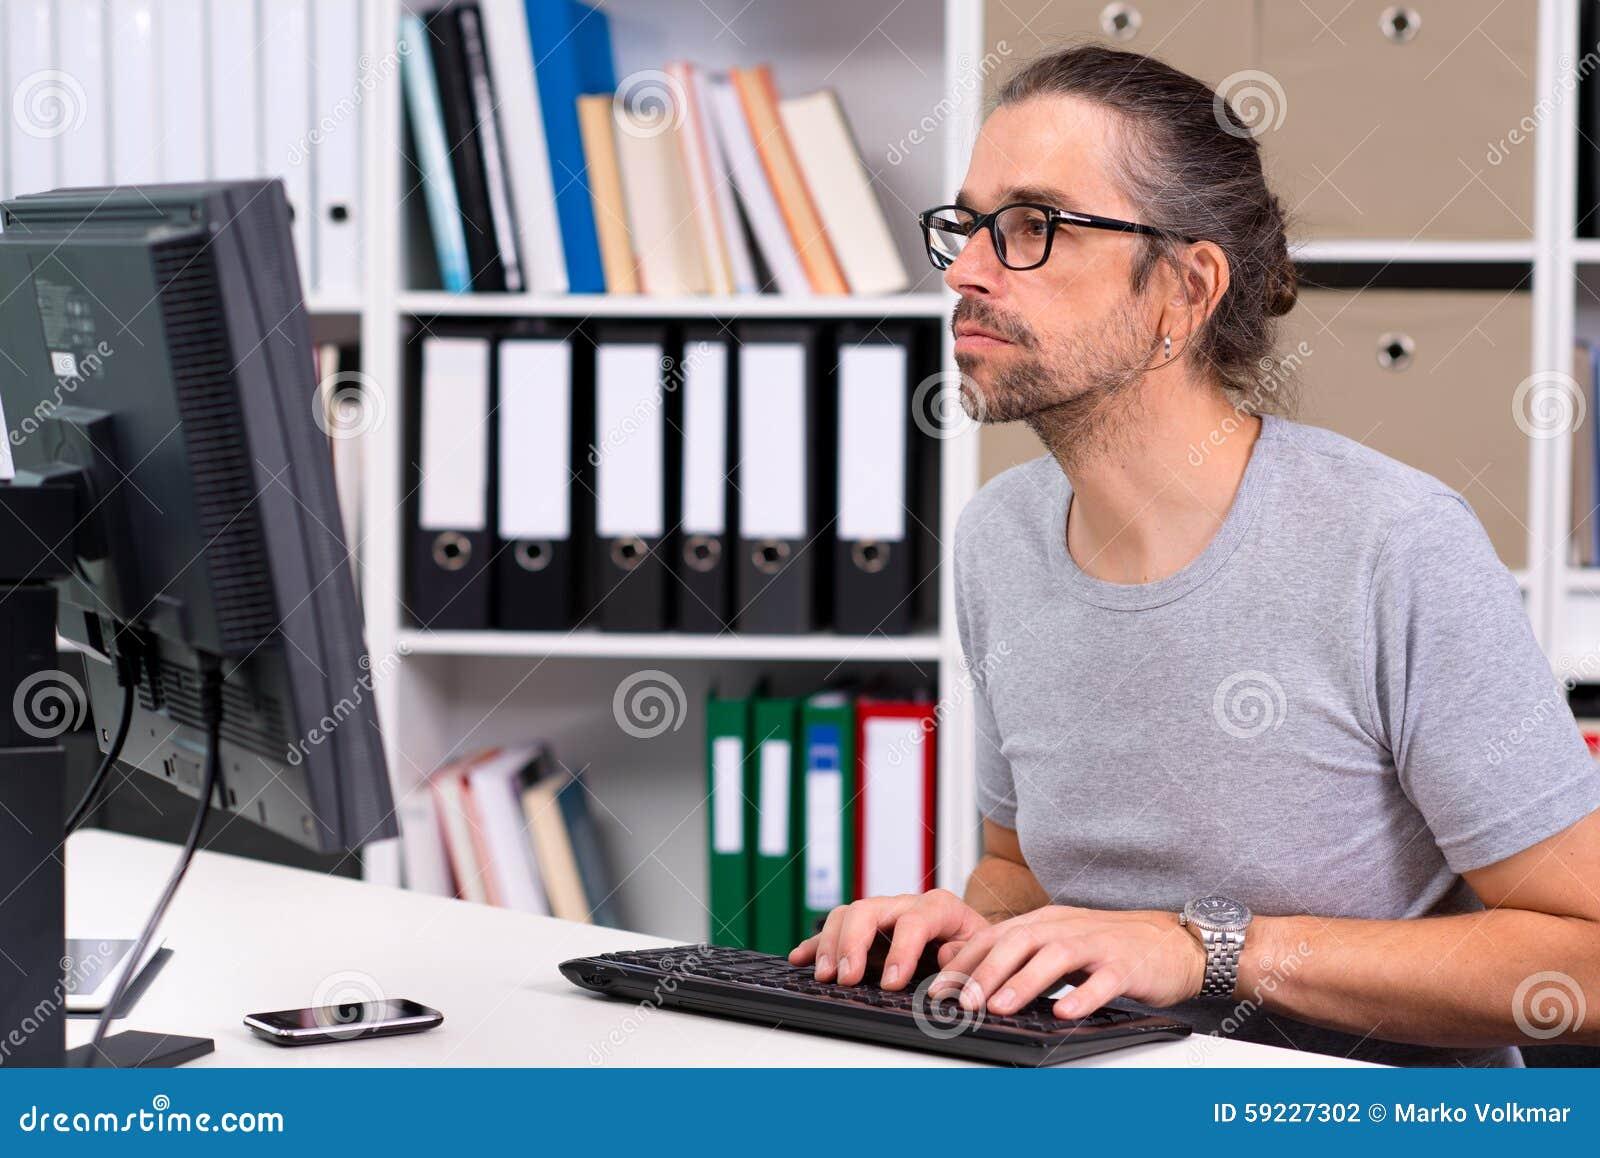 El hombre está trabajando en su oficina